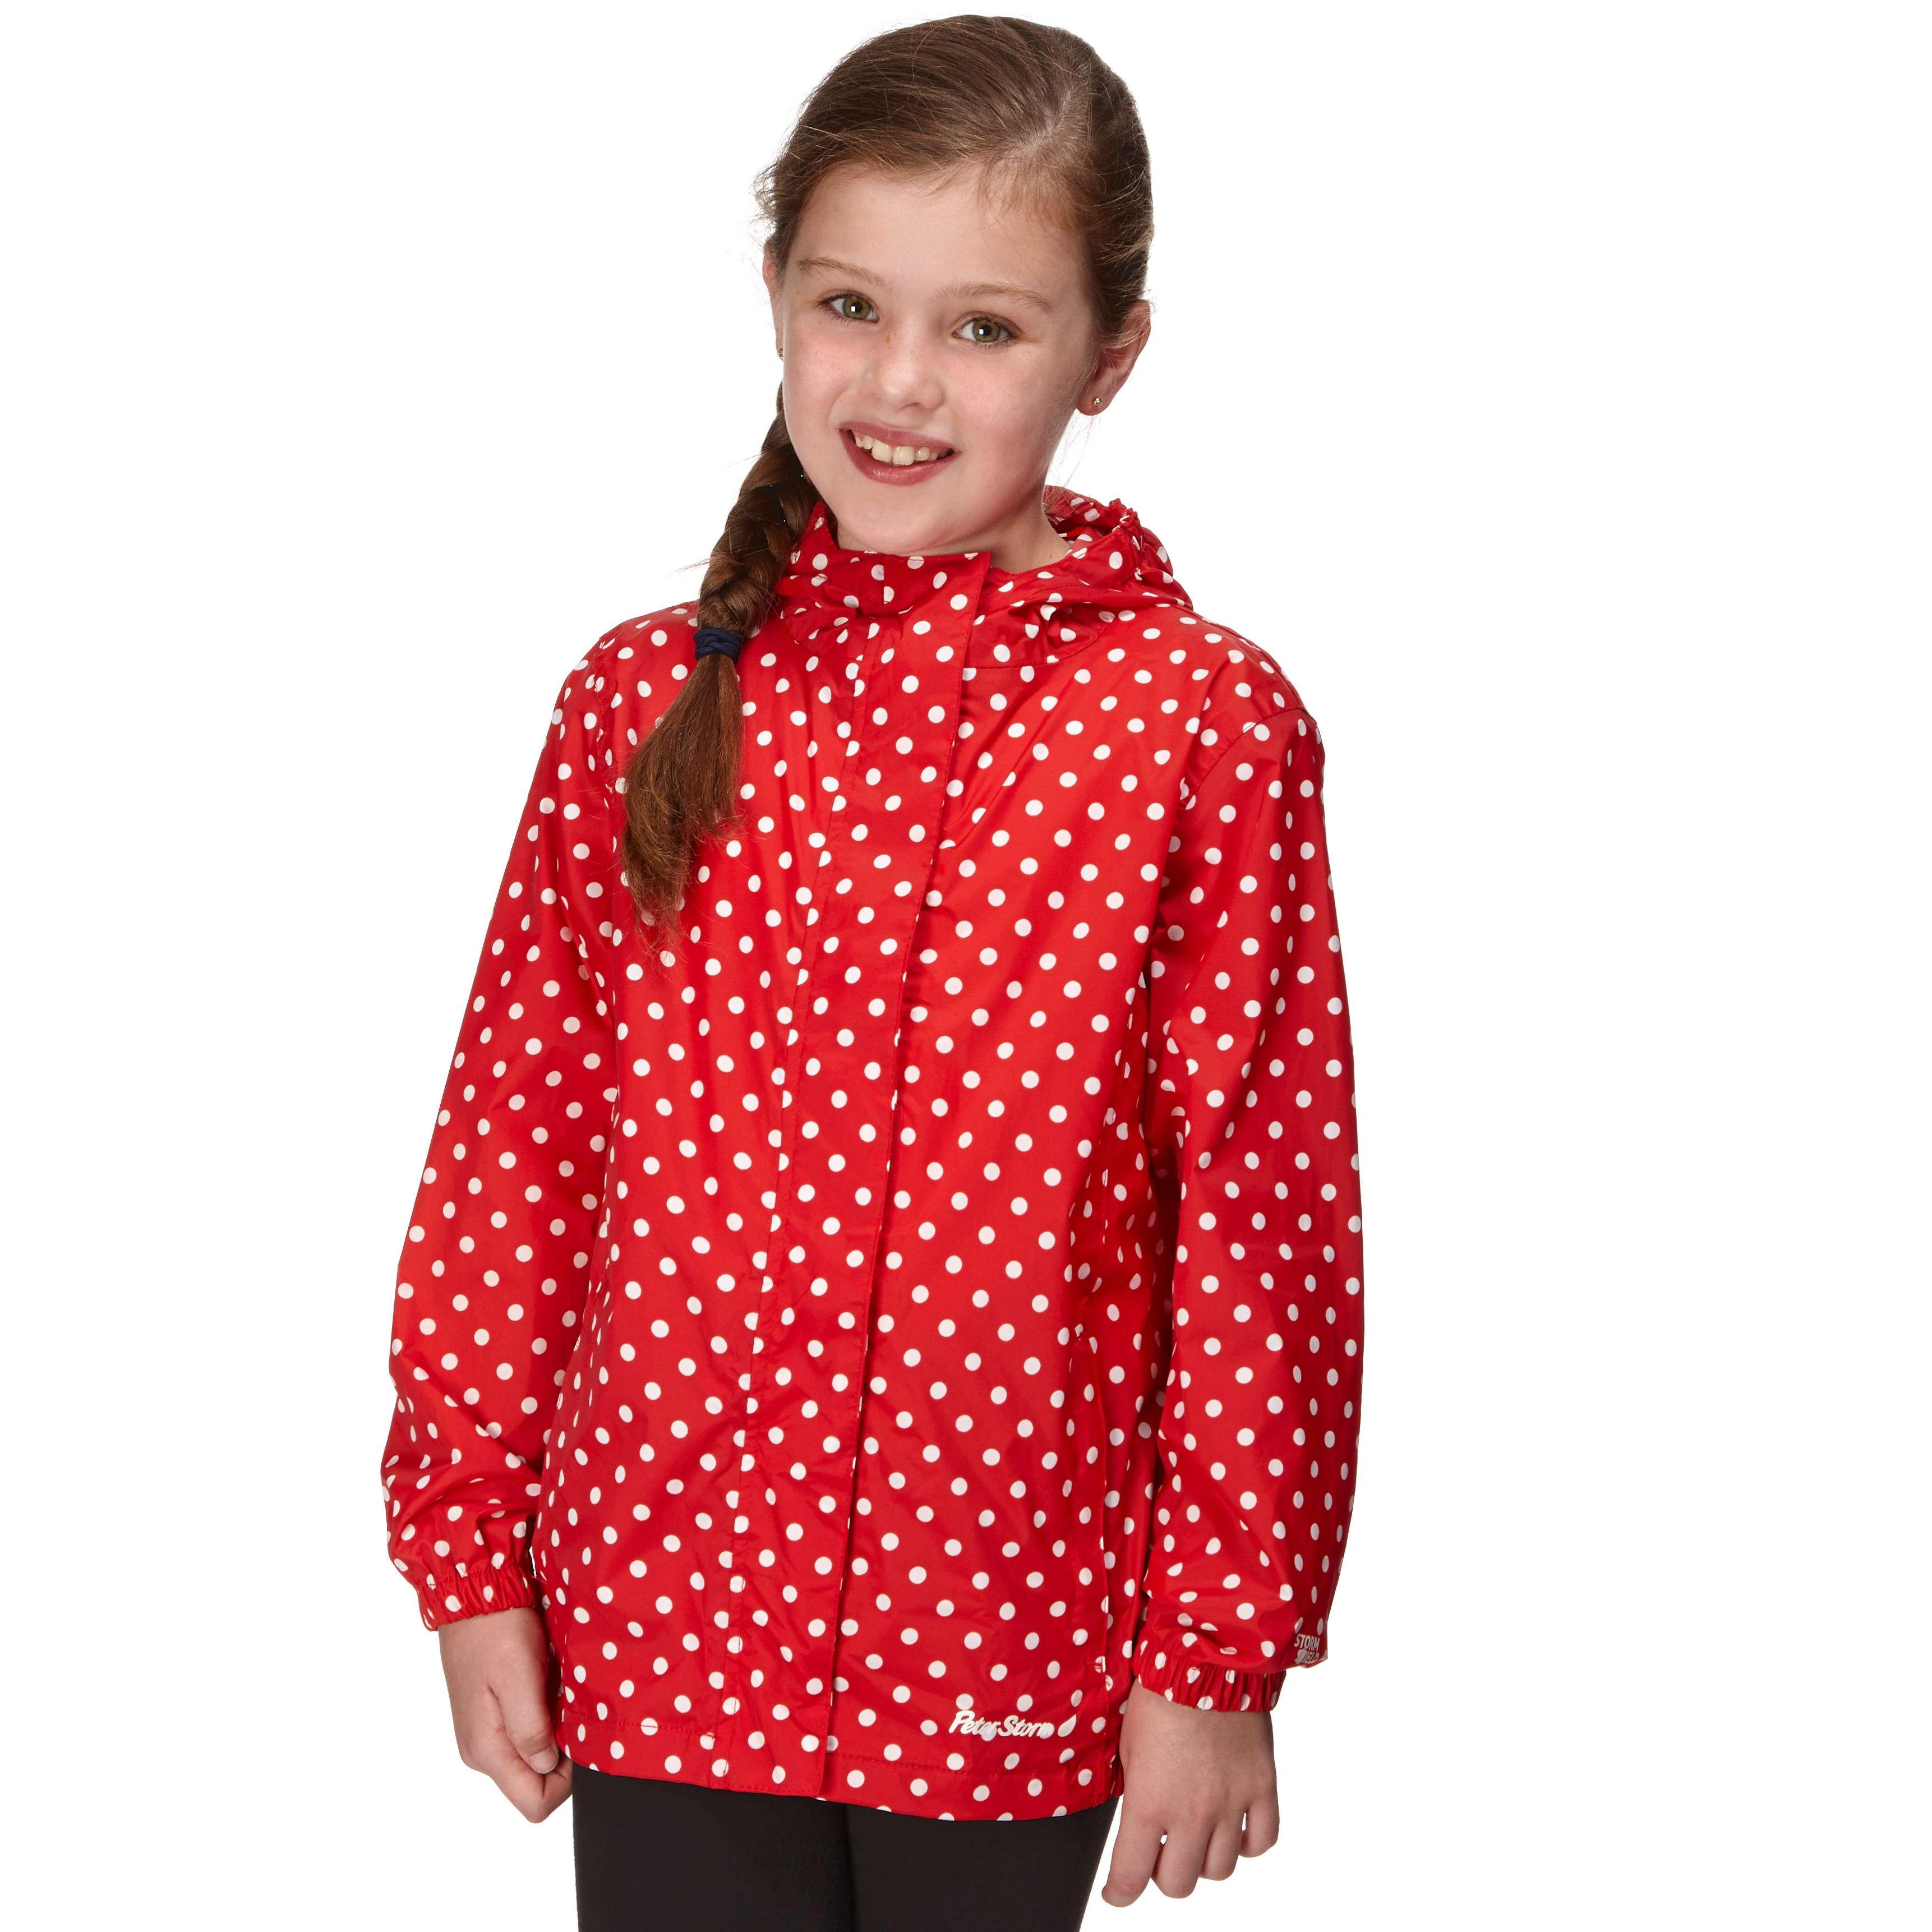 PETER STORM Girl's Packable Patterned Waterproof Jacket